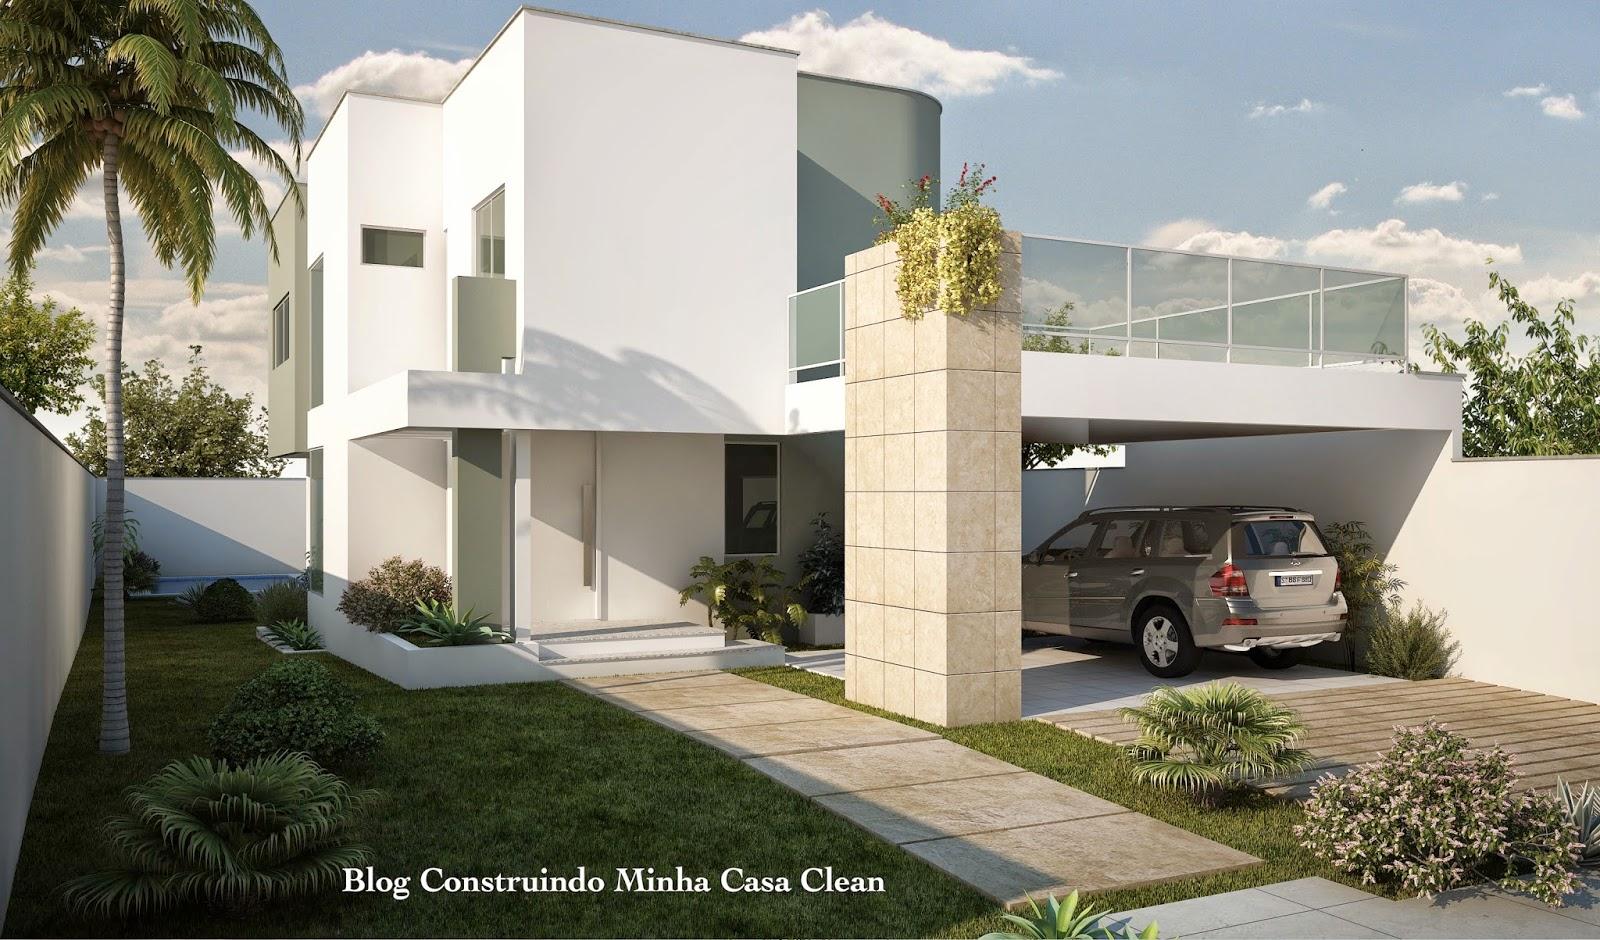 Construindo minha casa clean fachadas de casas com garagem for Frentes de casas minimalistas fotos